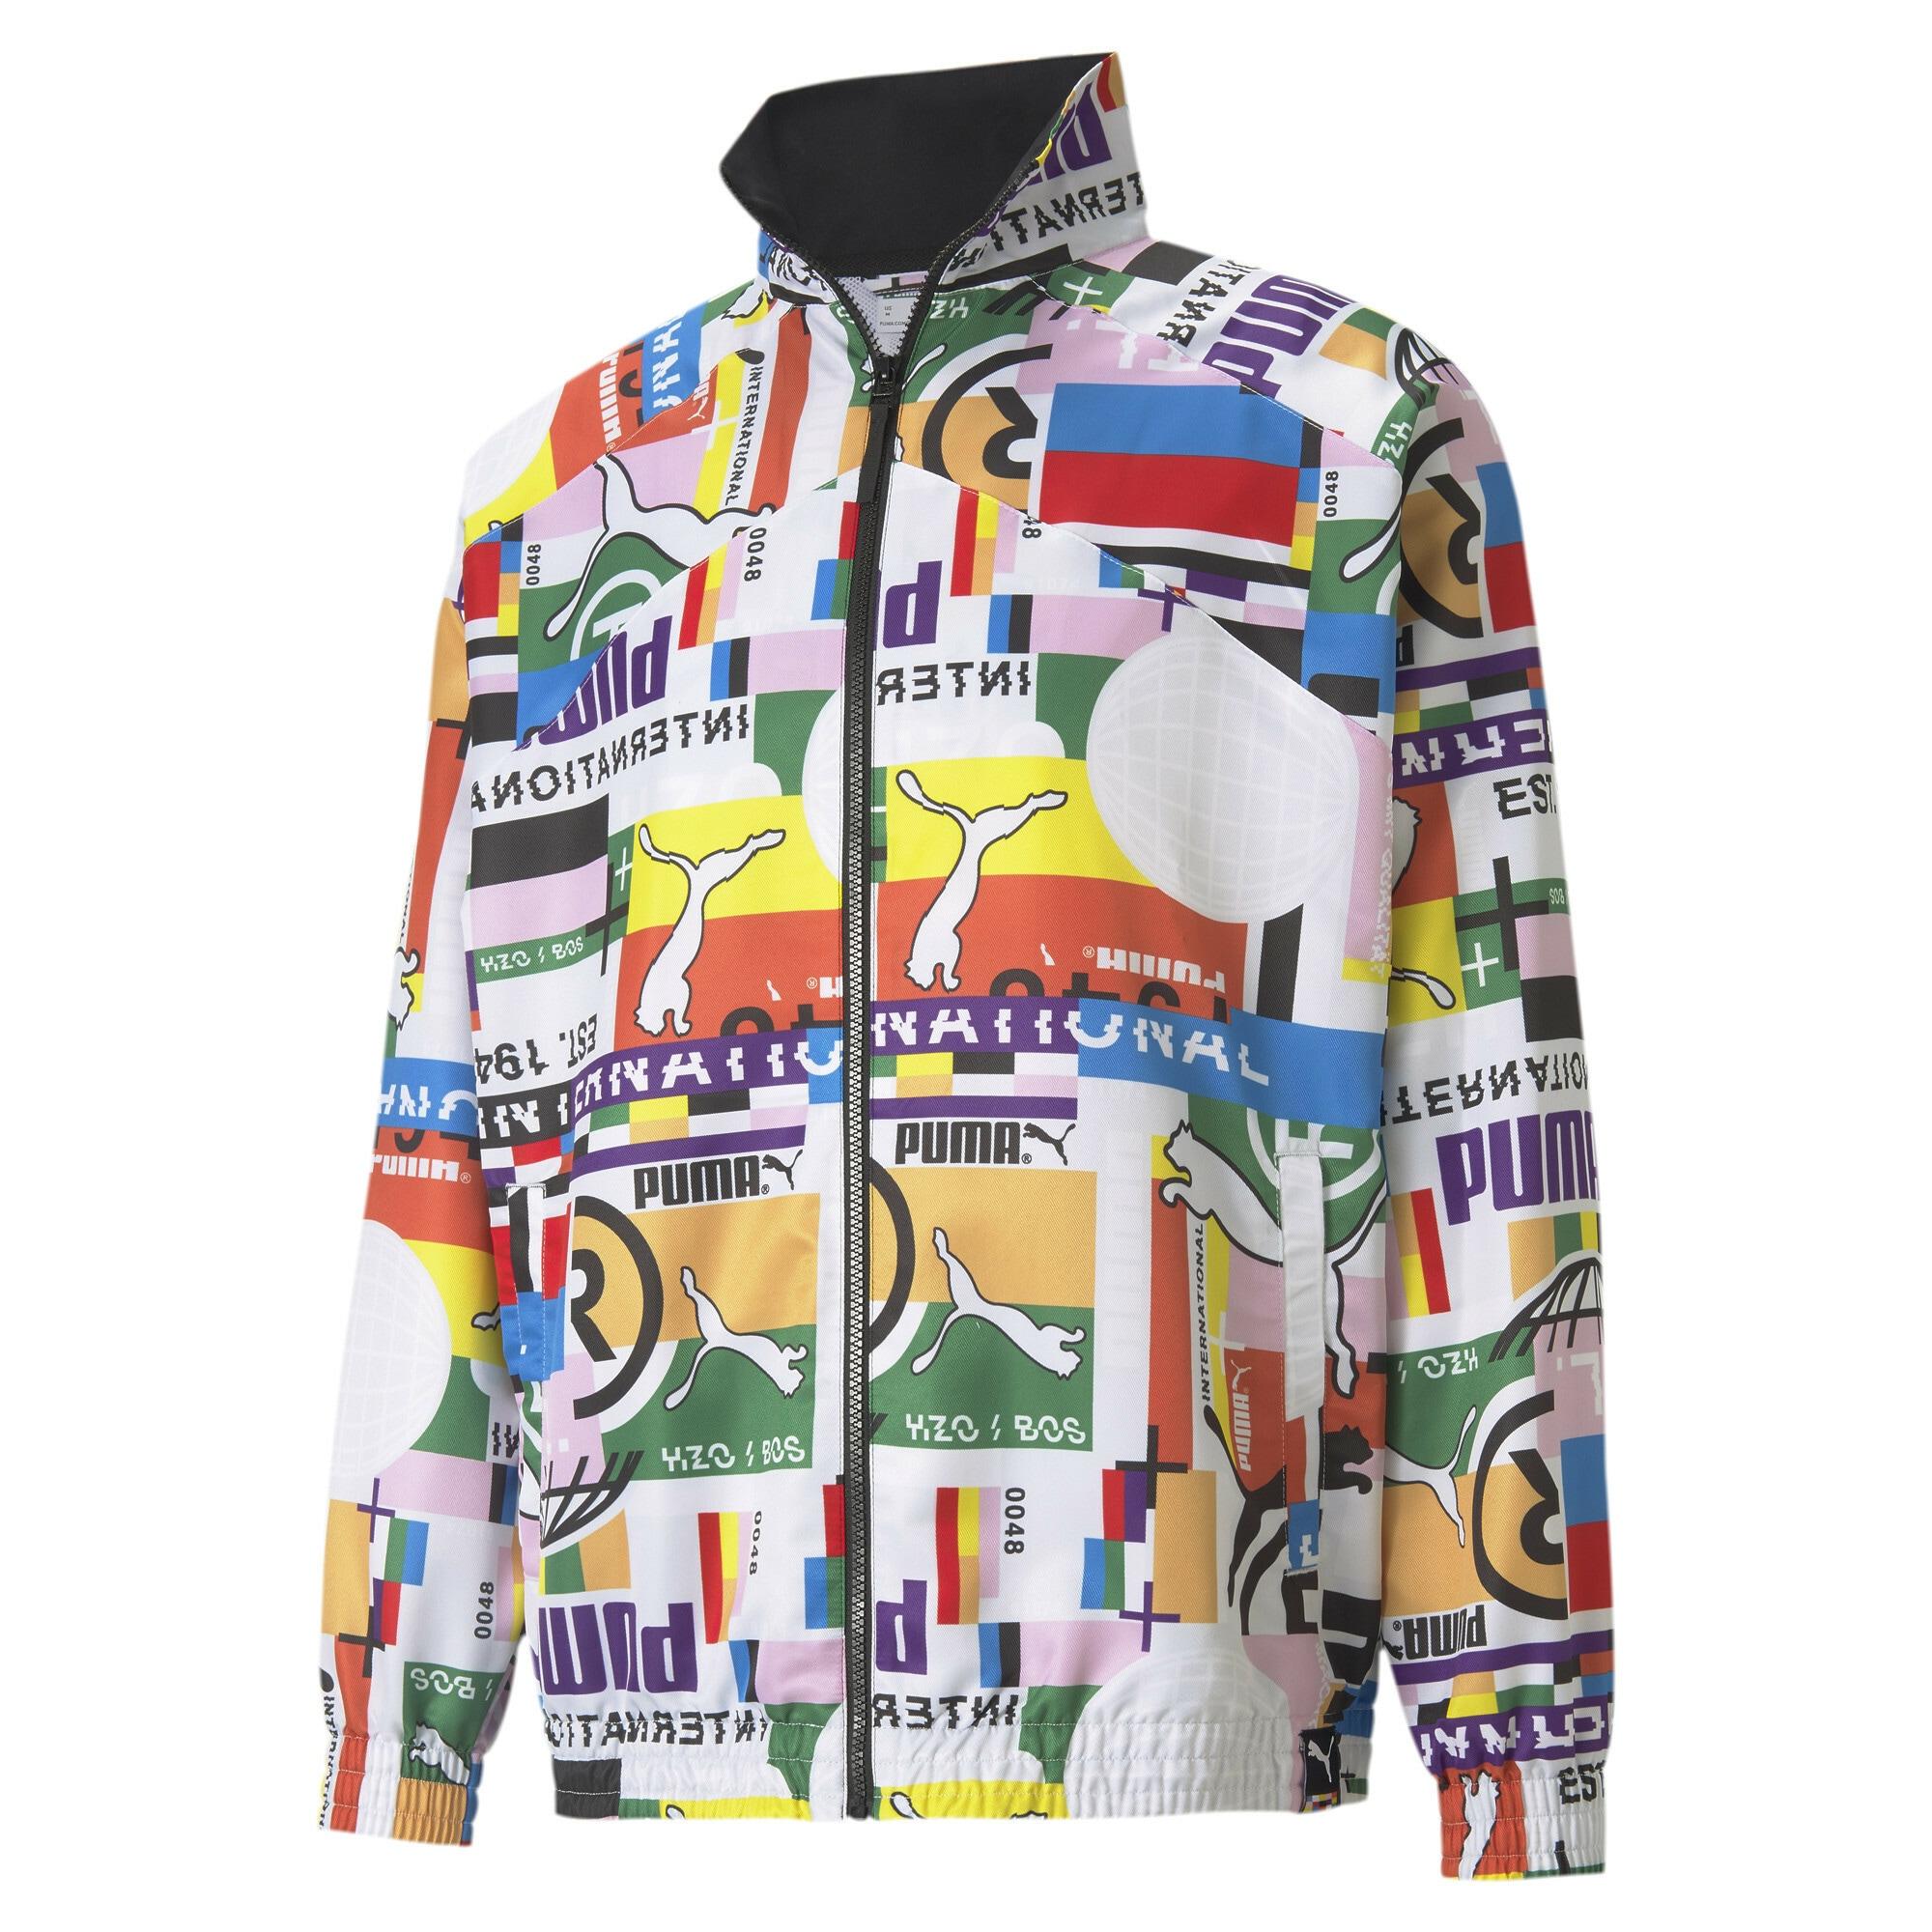 PUMA Džemperis treniruotėms mišrios spalvos